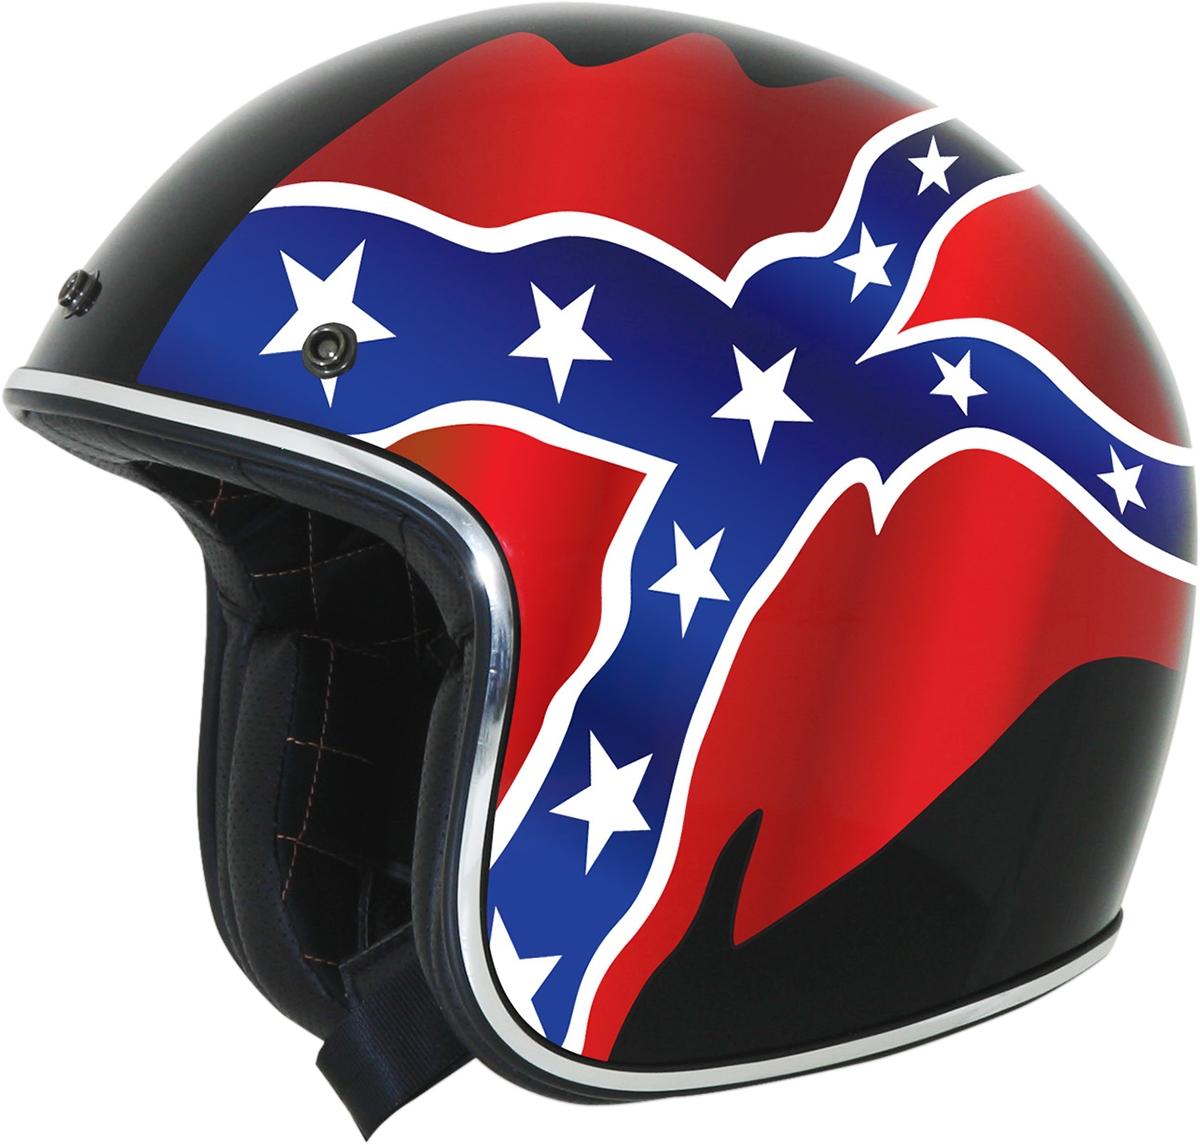 FX-76 Rebel Helmet